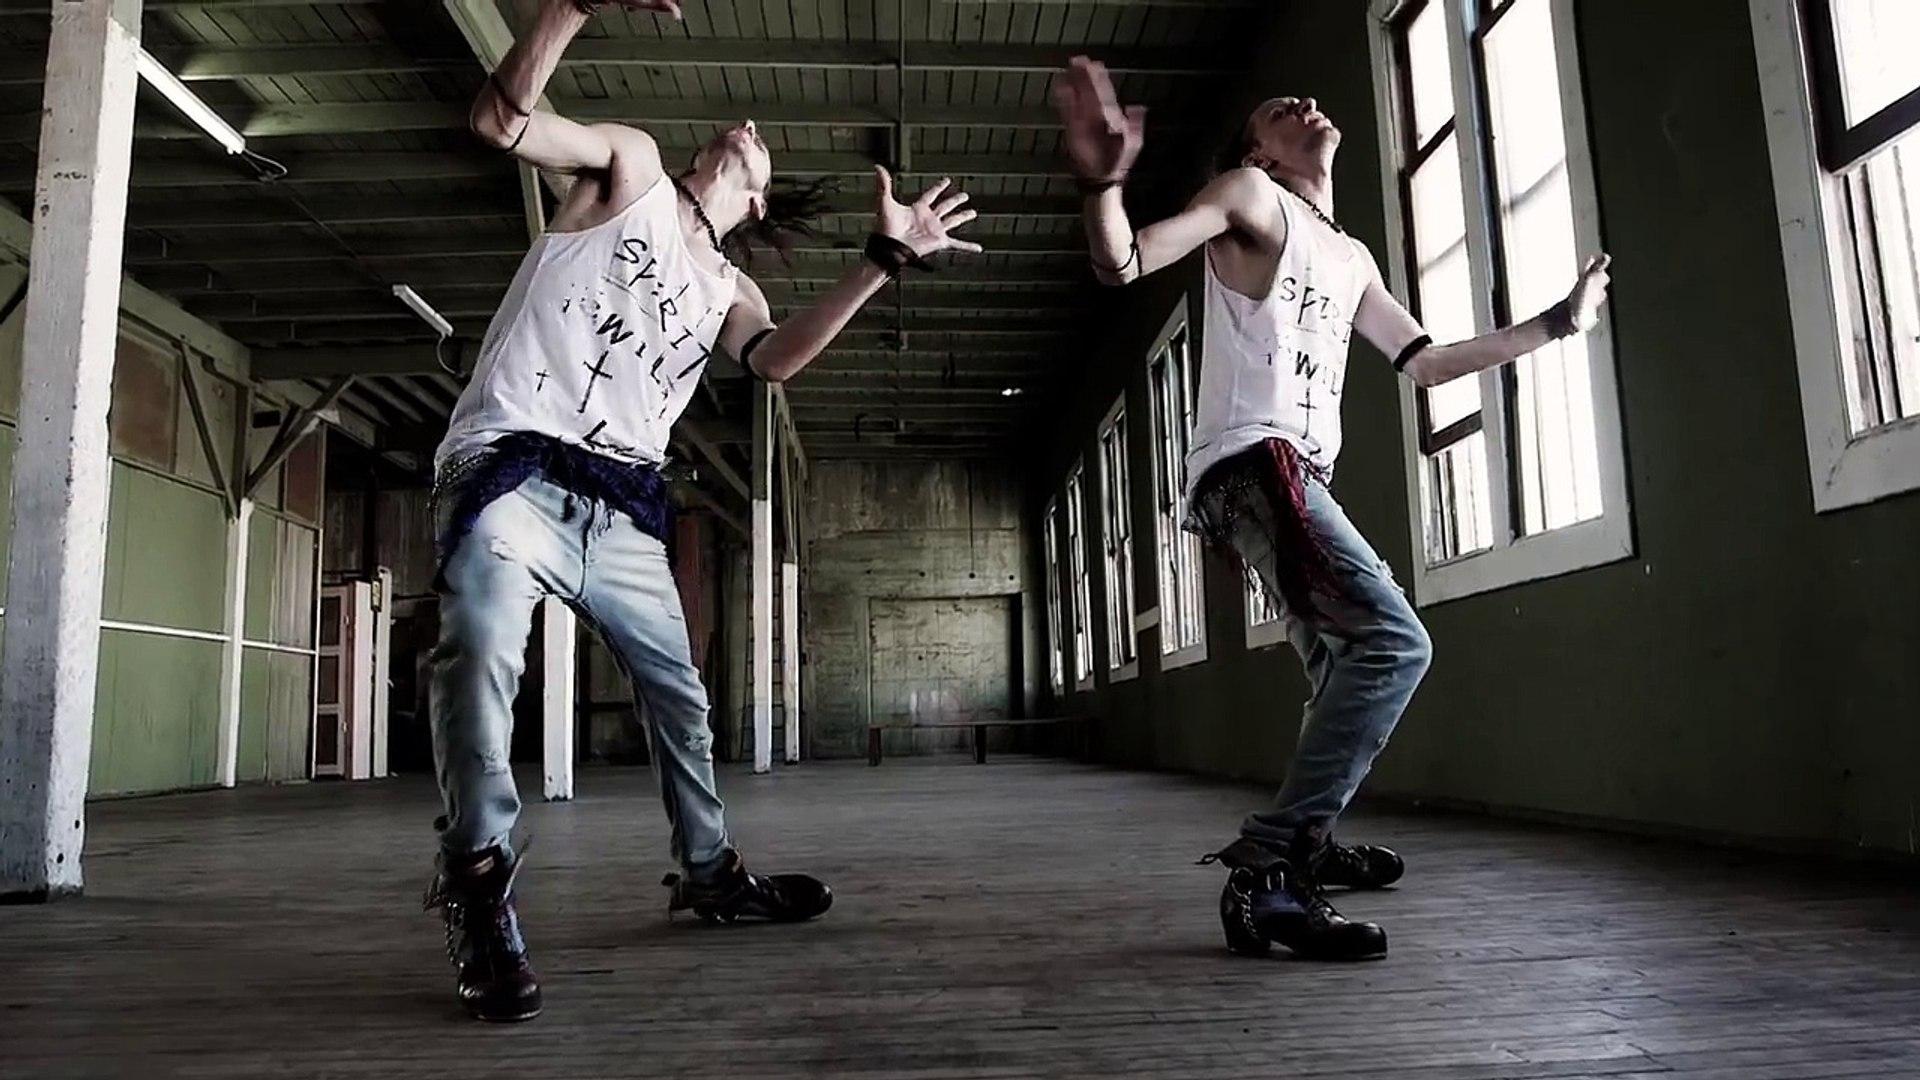 Невозможно отвести взгляд… Эти близнецы просто начали танцевать в пустой комнате. Но когда камера по